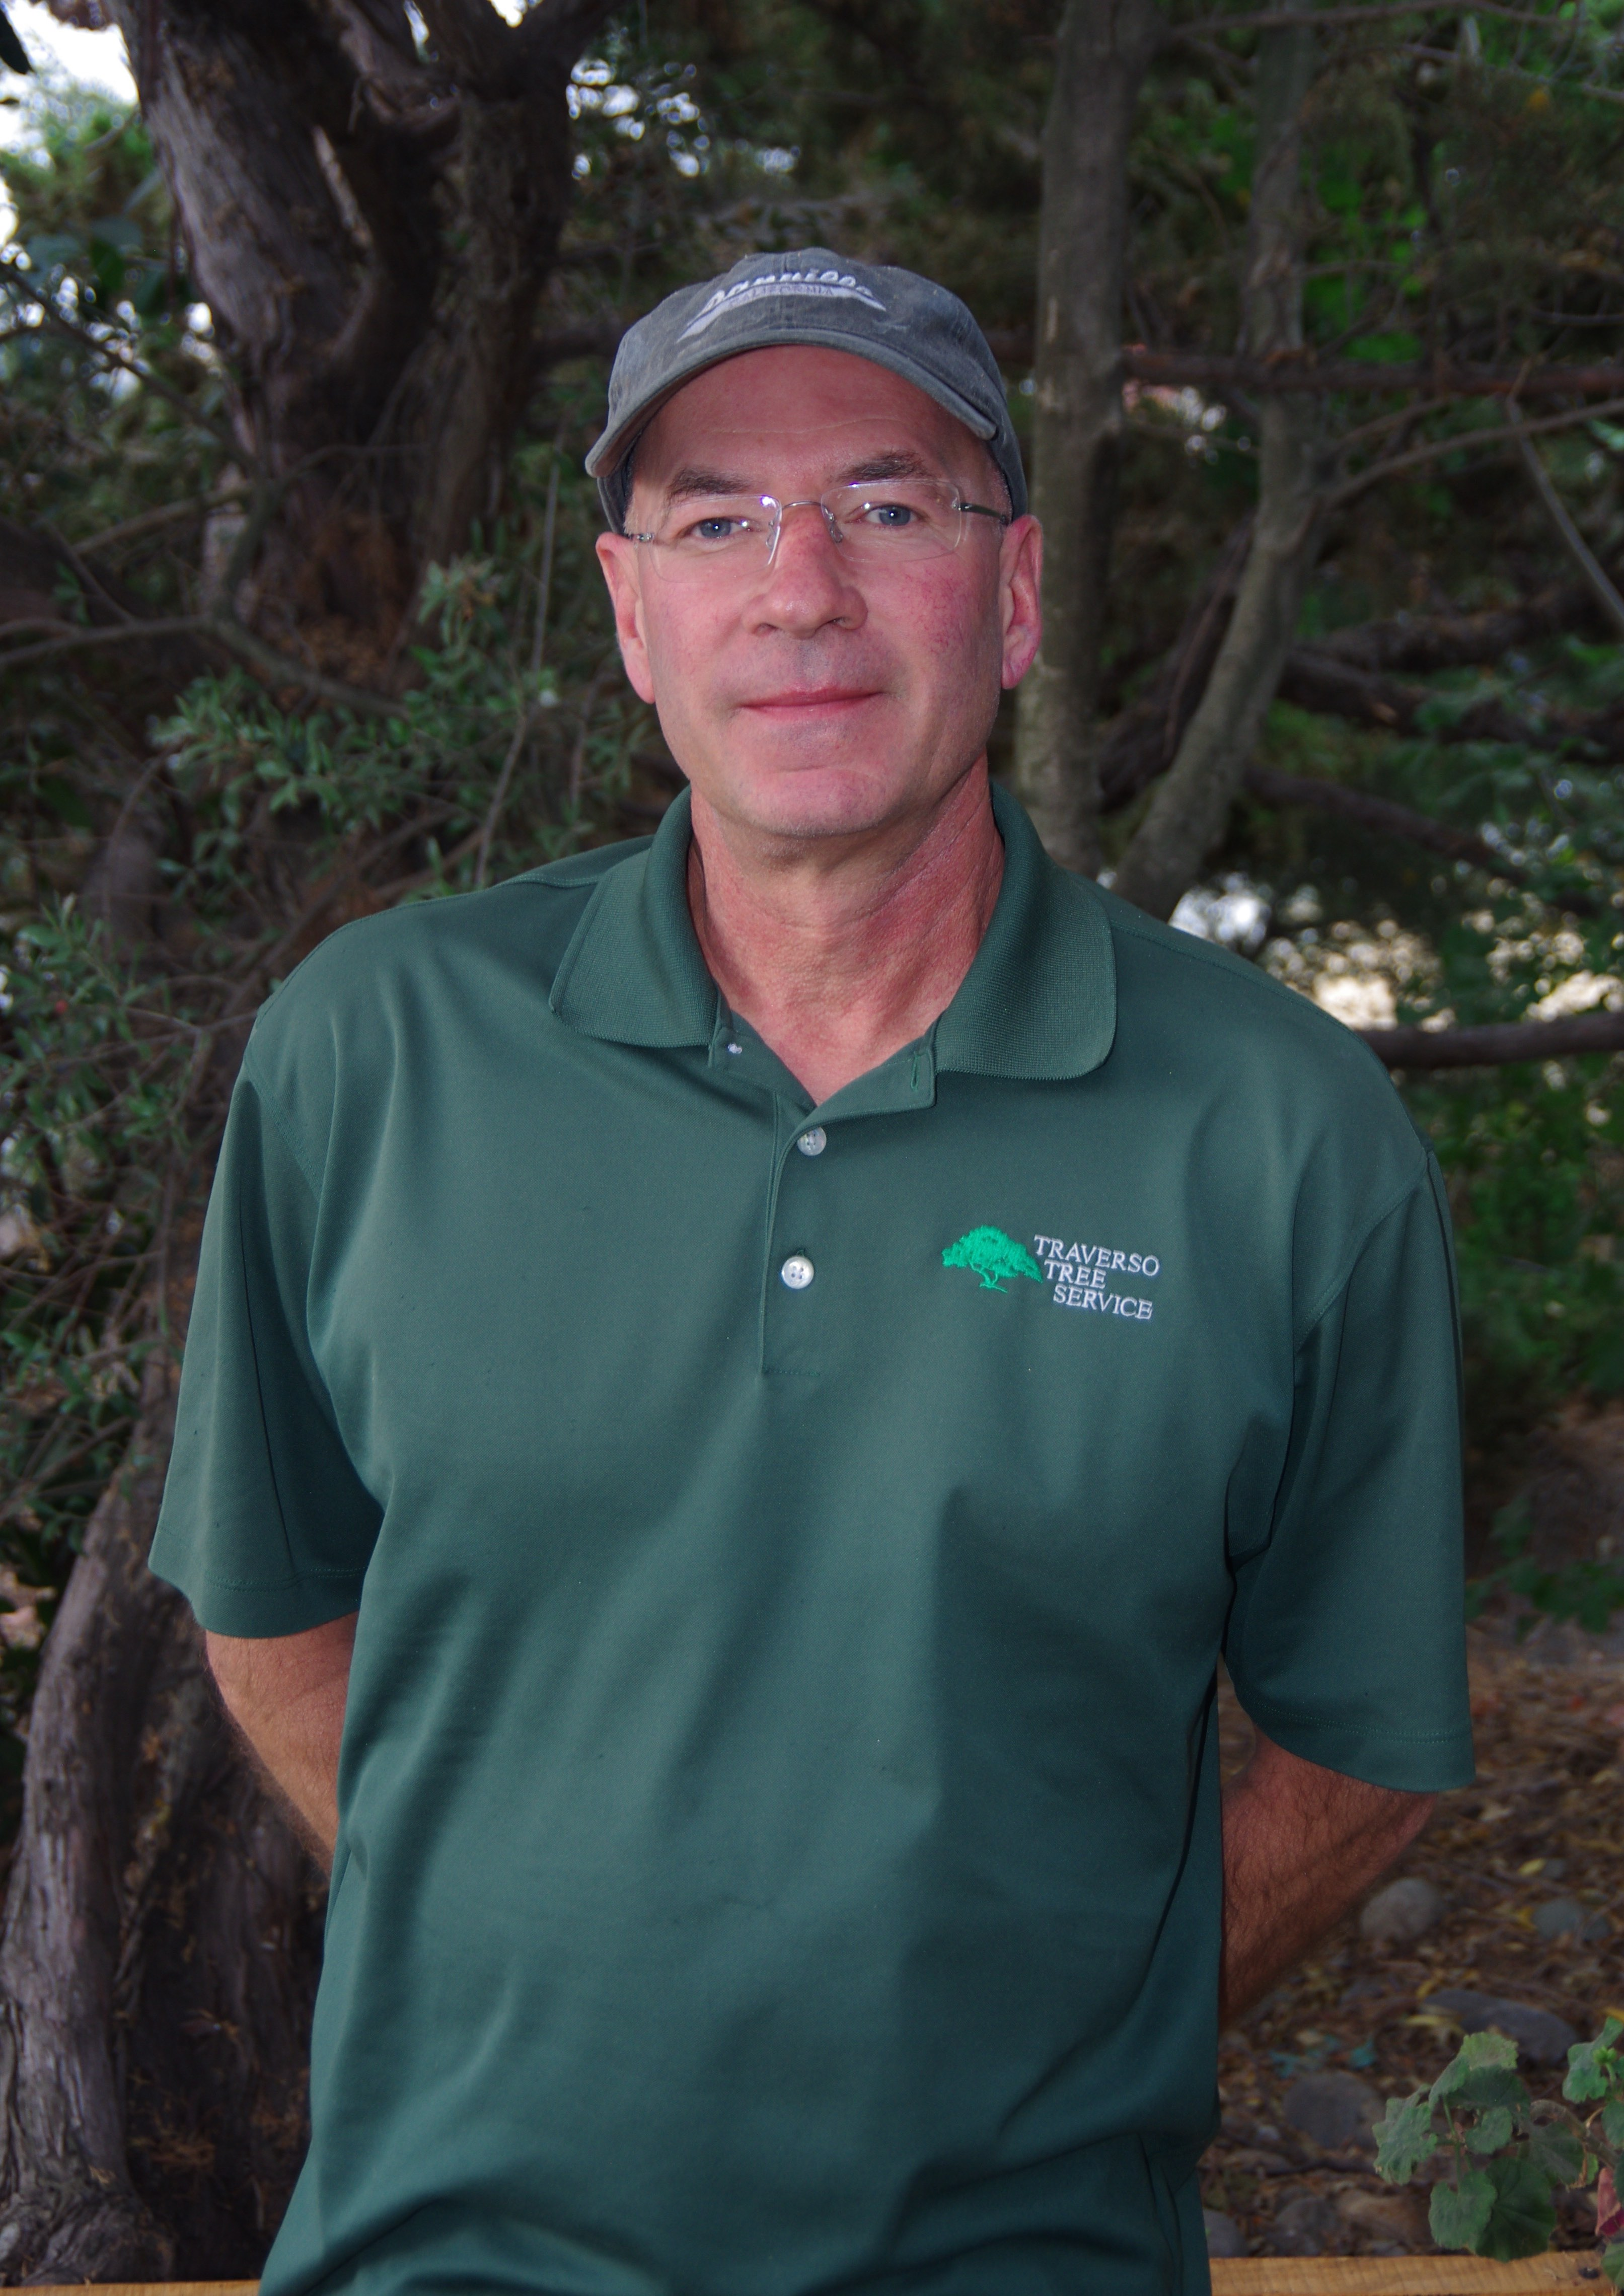 Steve Sprickman